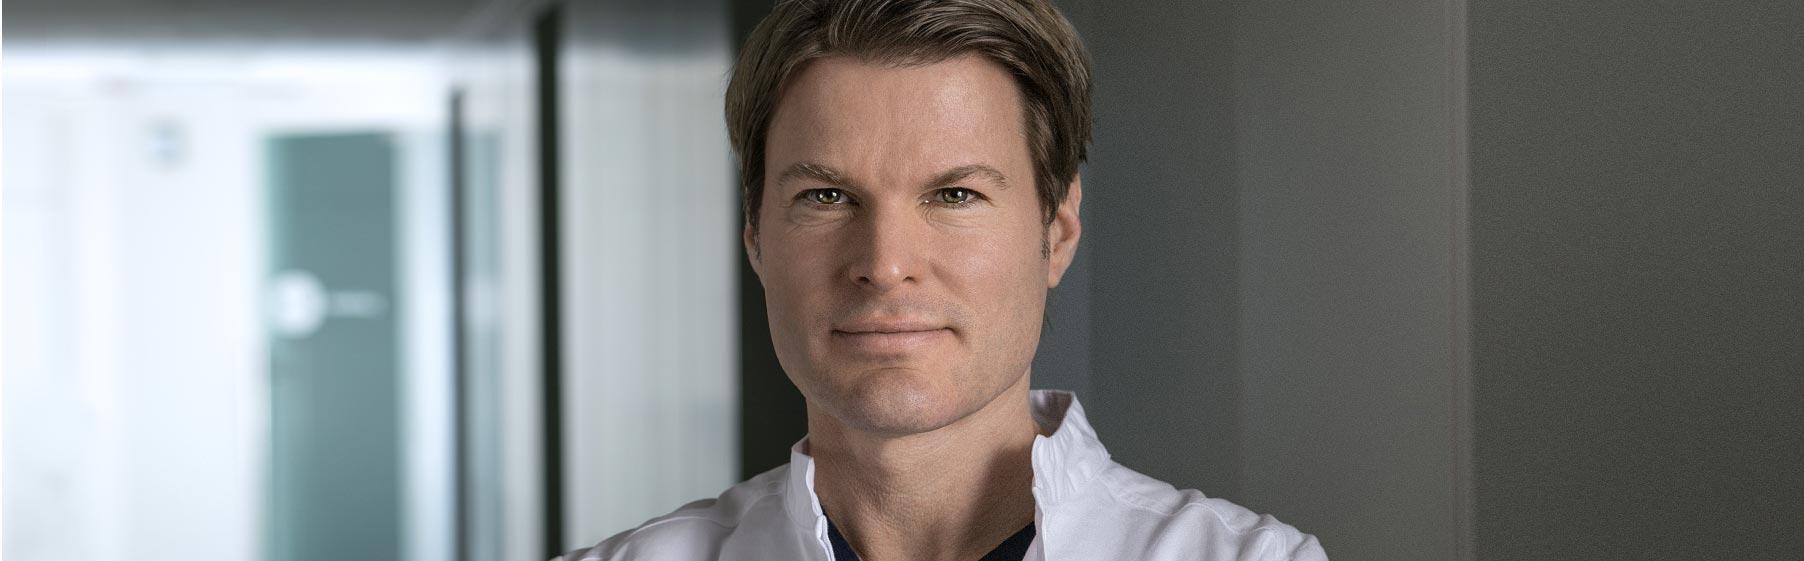 Arztporträt Dr. Dr. Nico Laube | groisman & laube